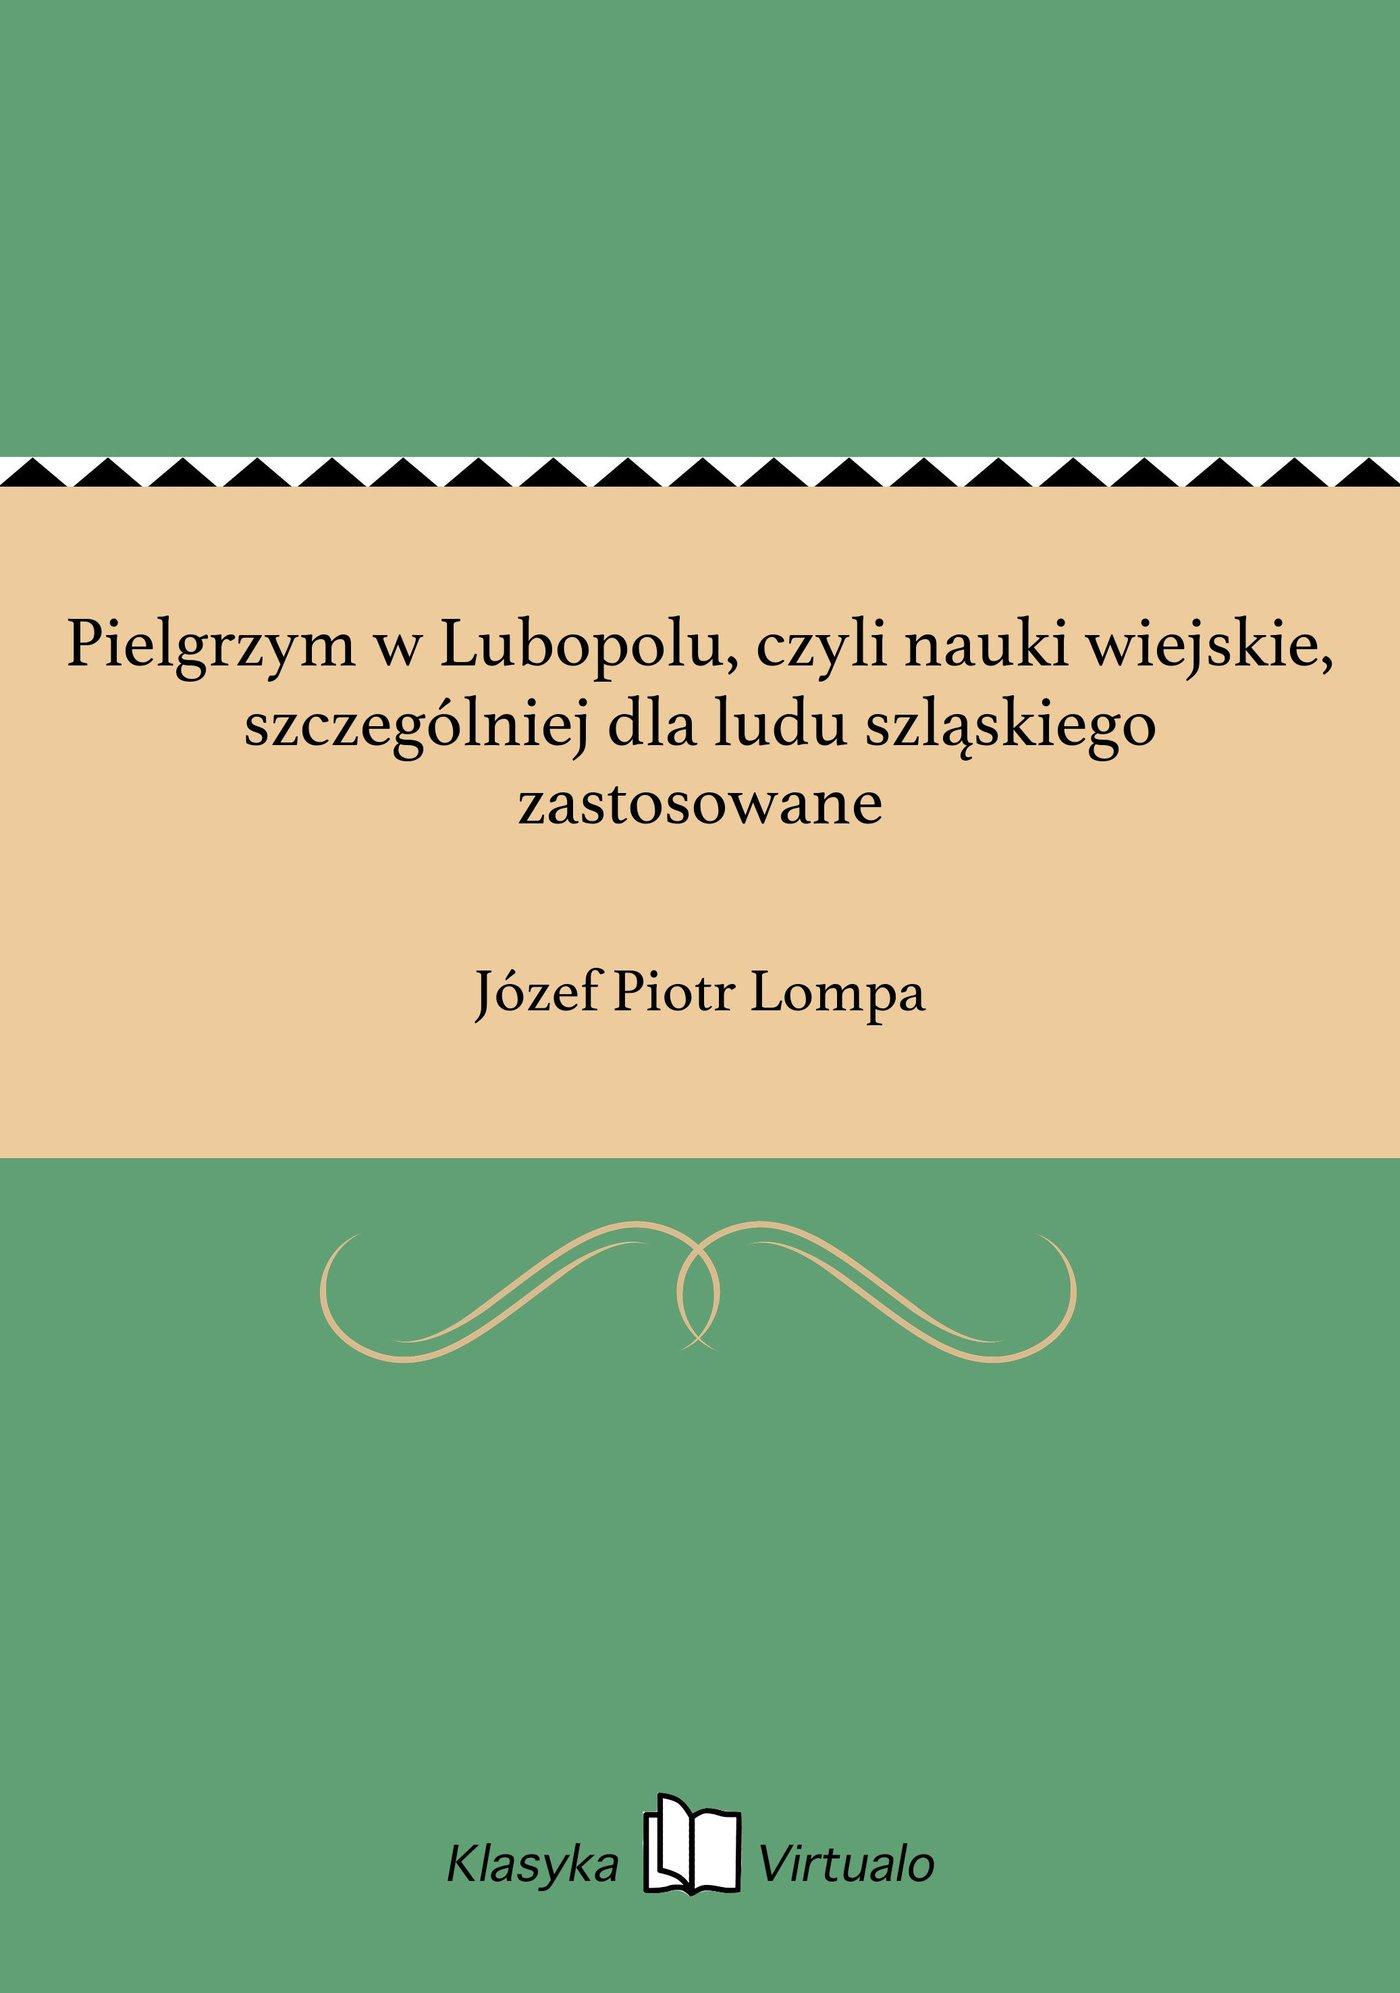 Pielgrzym w Lubopolu, czyli nauki wiejskie, szczególniej dla ludu szląskiego zastosowane - Ebook (Książka EPUB) do pobrania w formacie EPUB